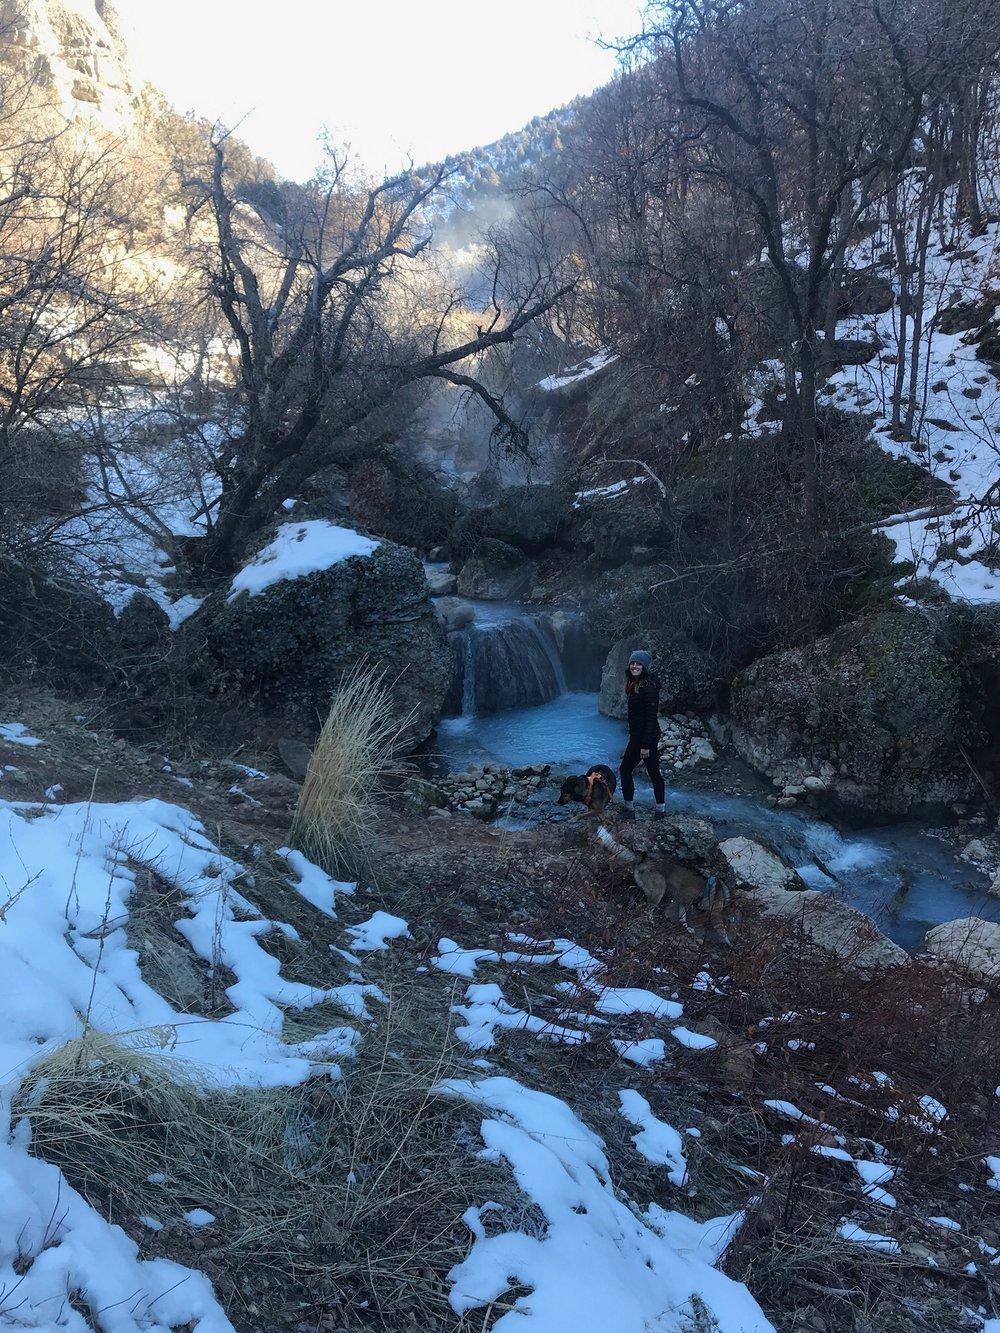 Misty blue waterfalls, be still my heart.